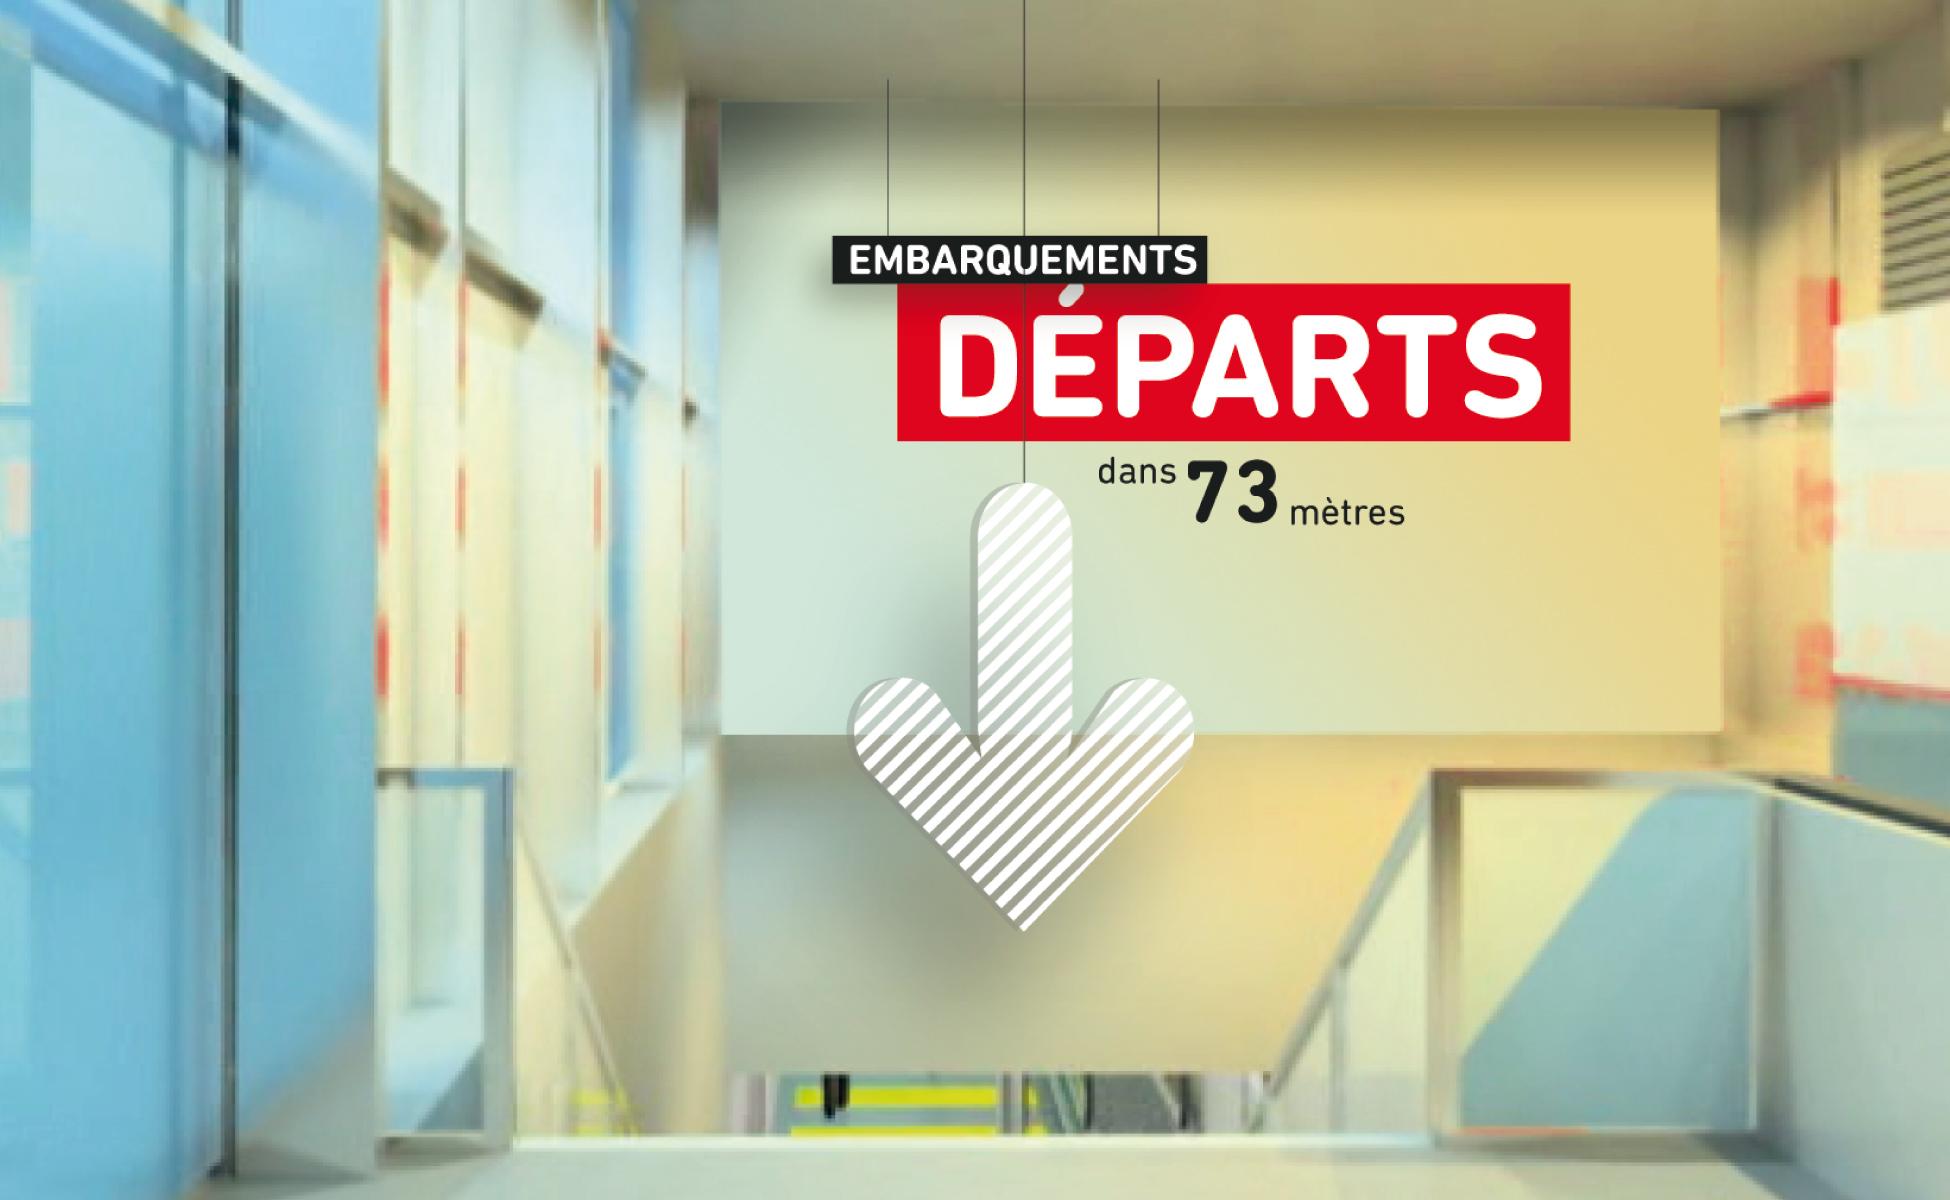 Panneau signalétique dans un hall d'aéroport